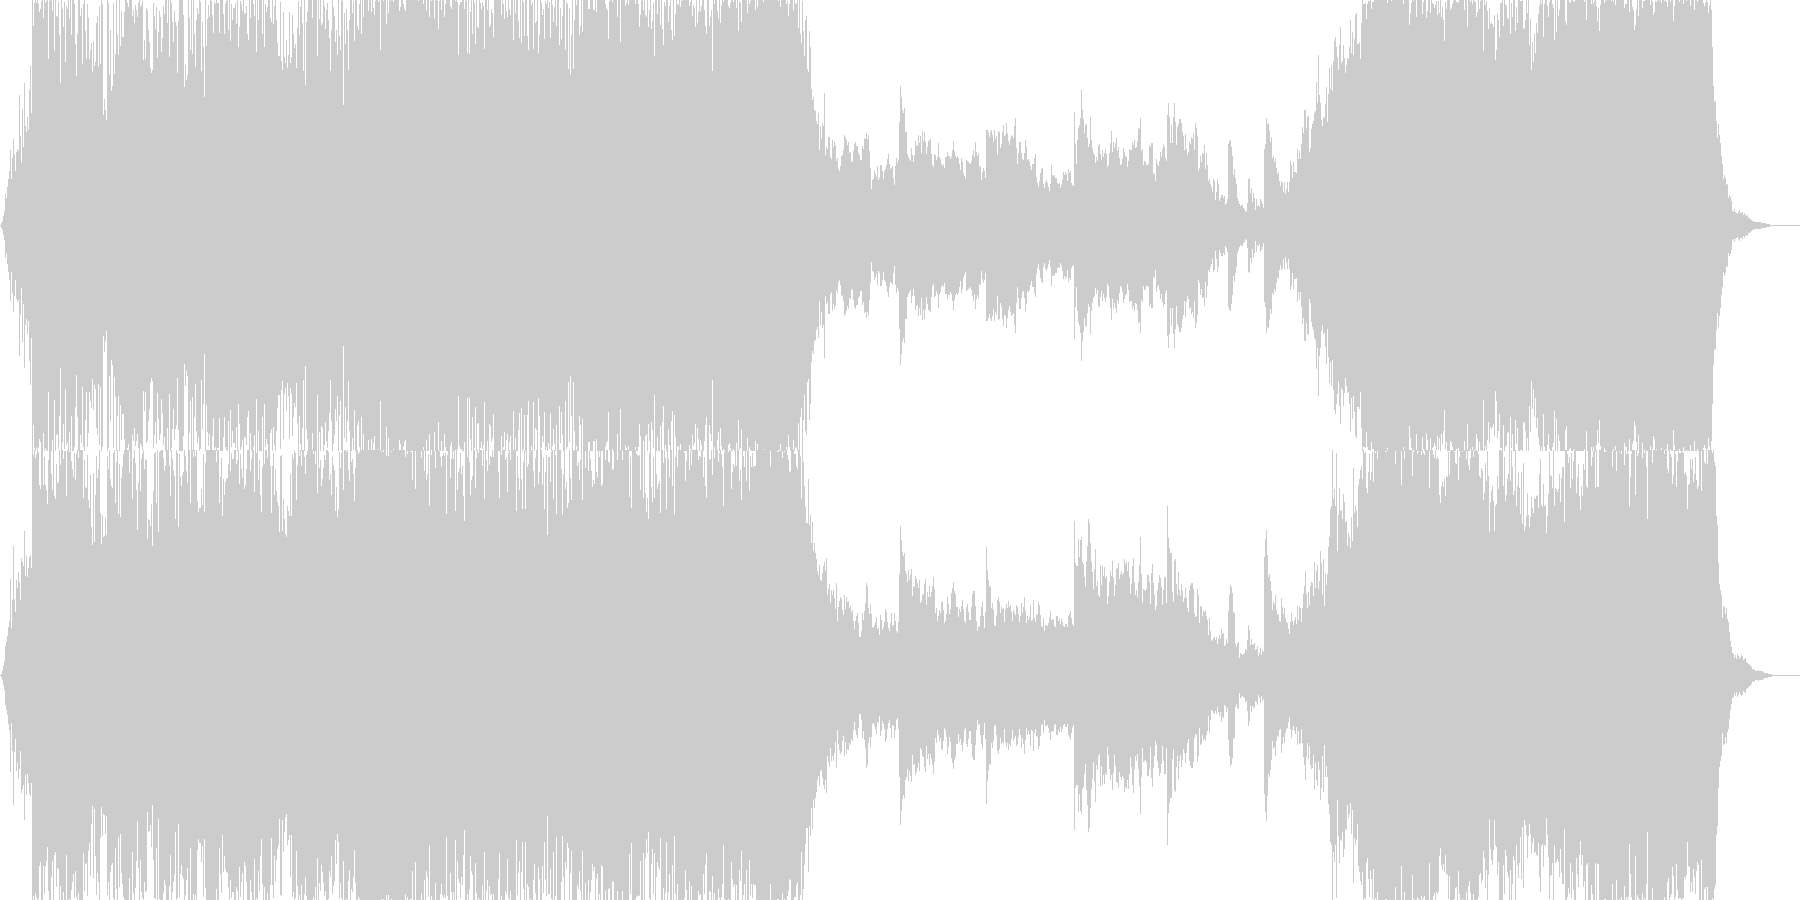 日本的なイメージのパーカッシブなBGMの未再生の波形